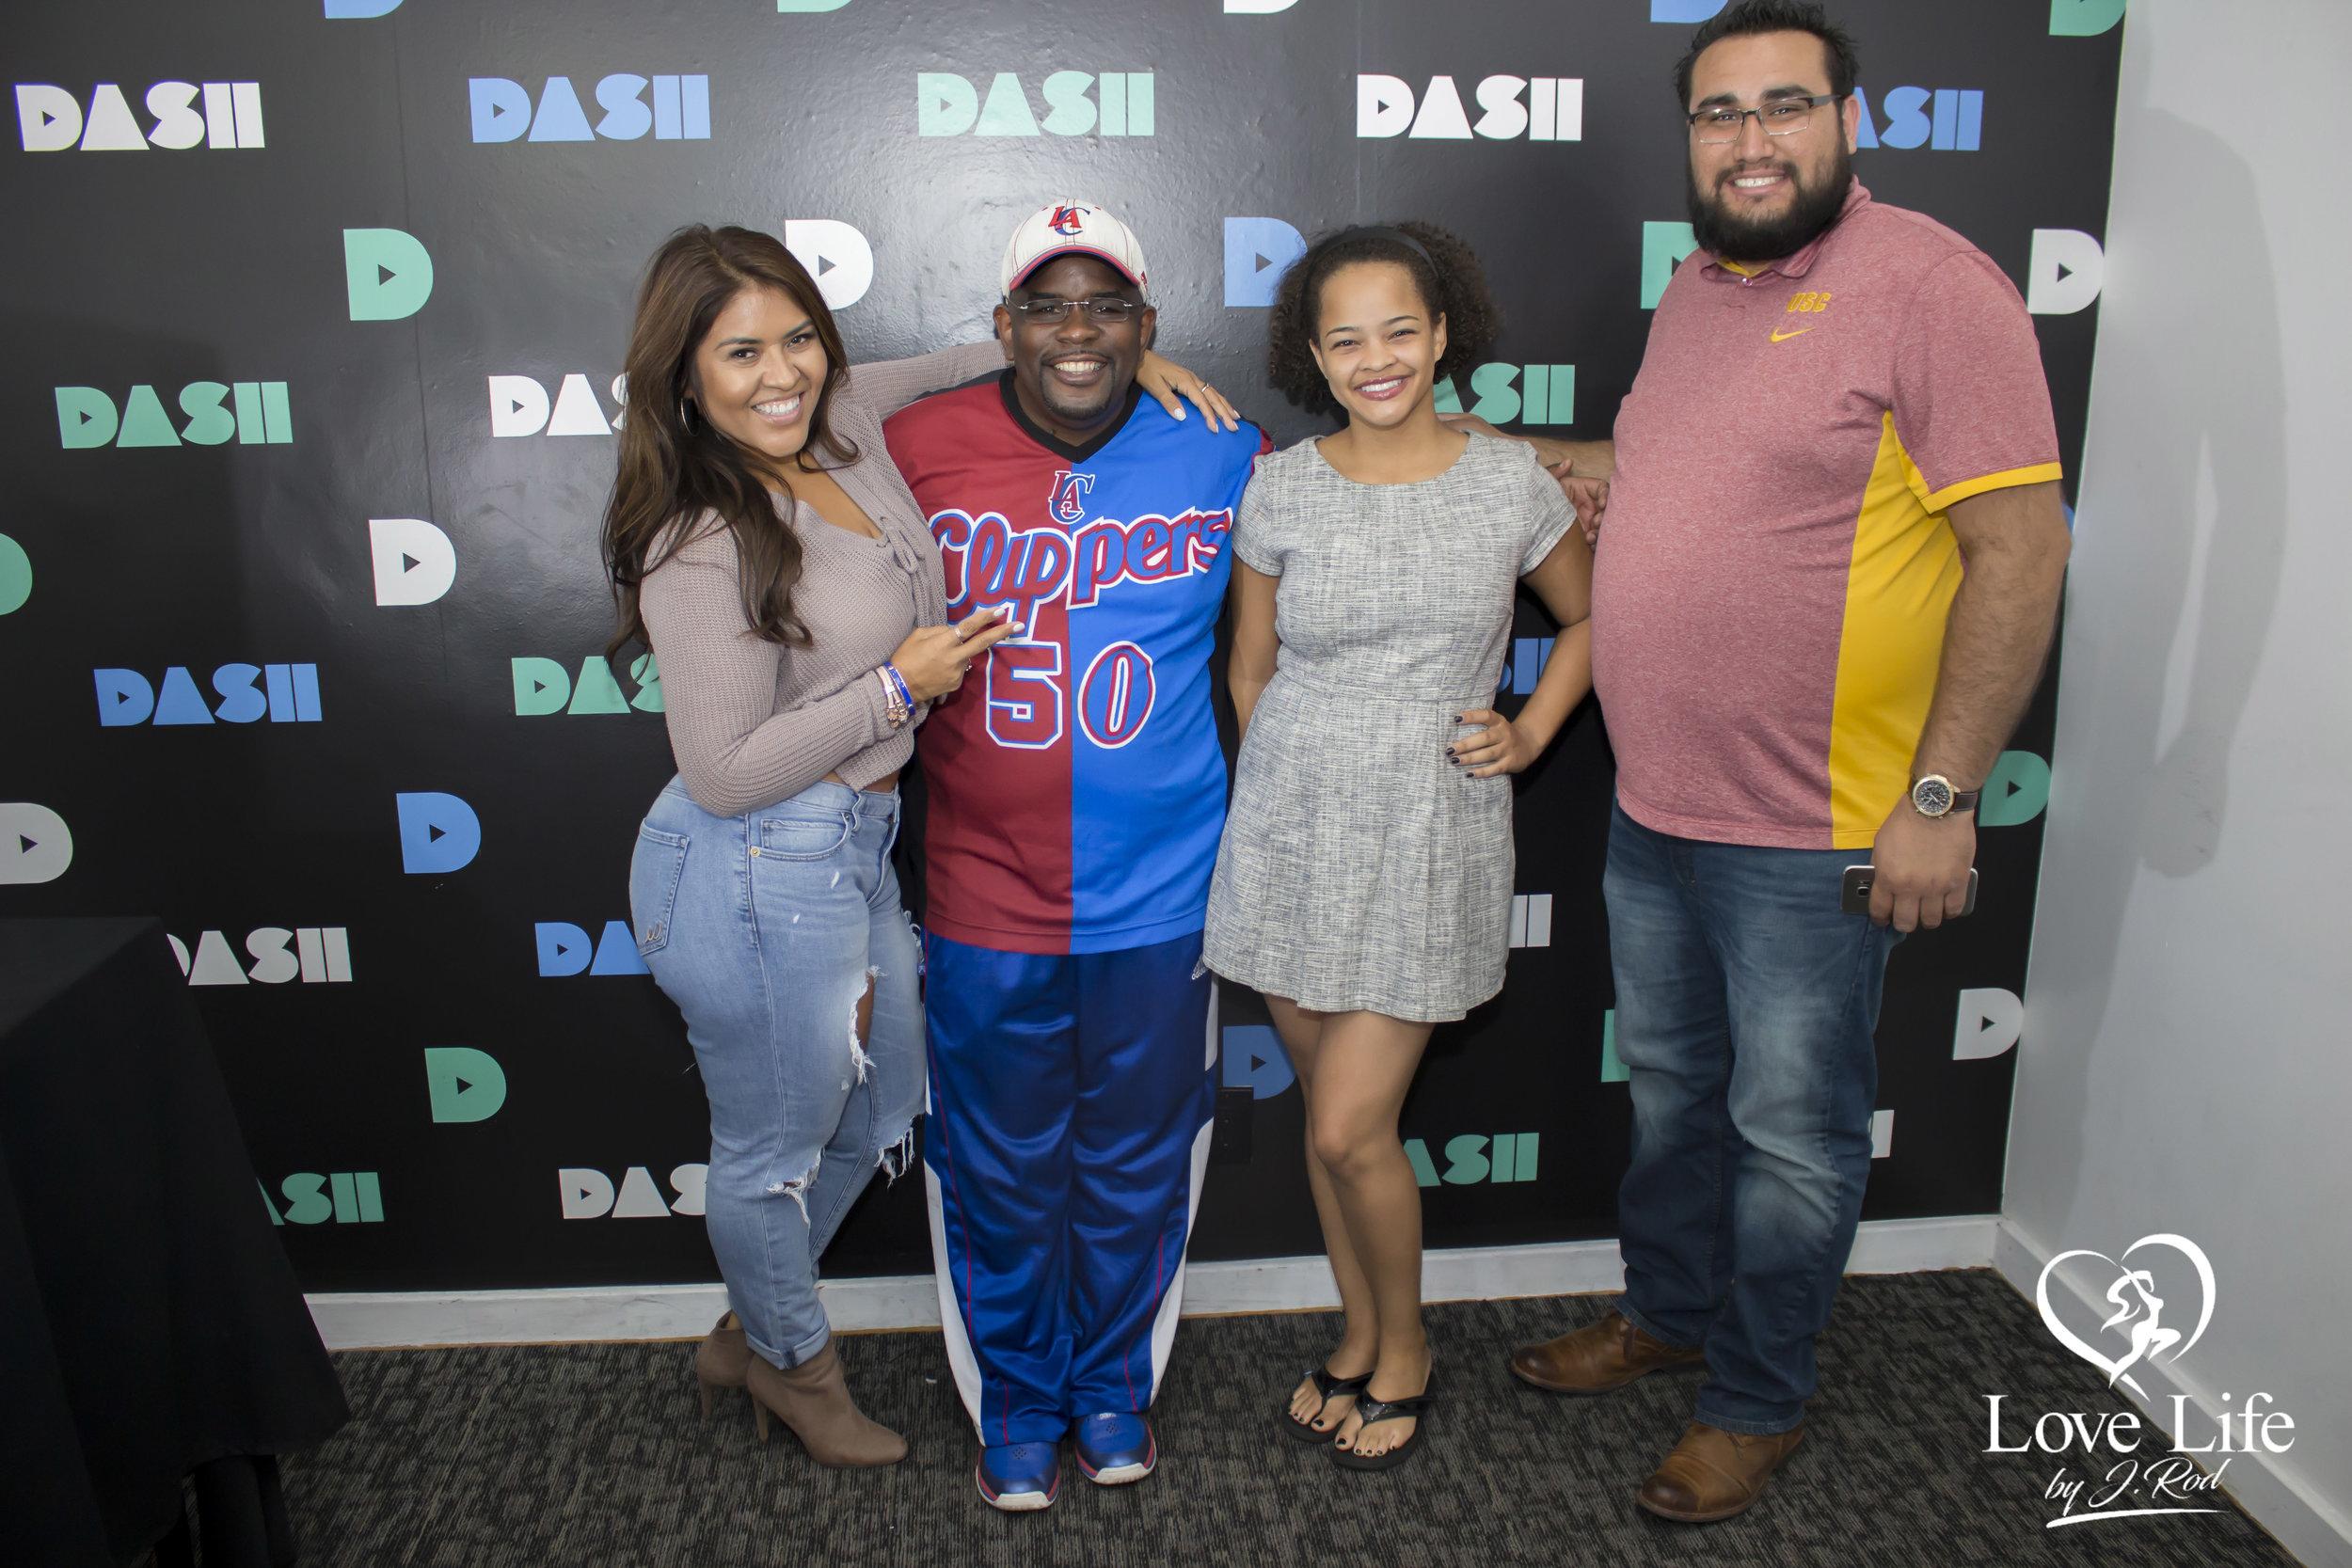 Janet Rodriquez On The Clipper Darrel Fan Truth Show 10-14-17_34.jpg